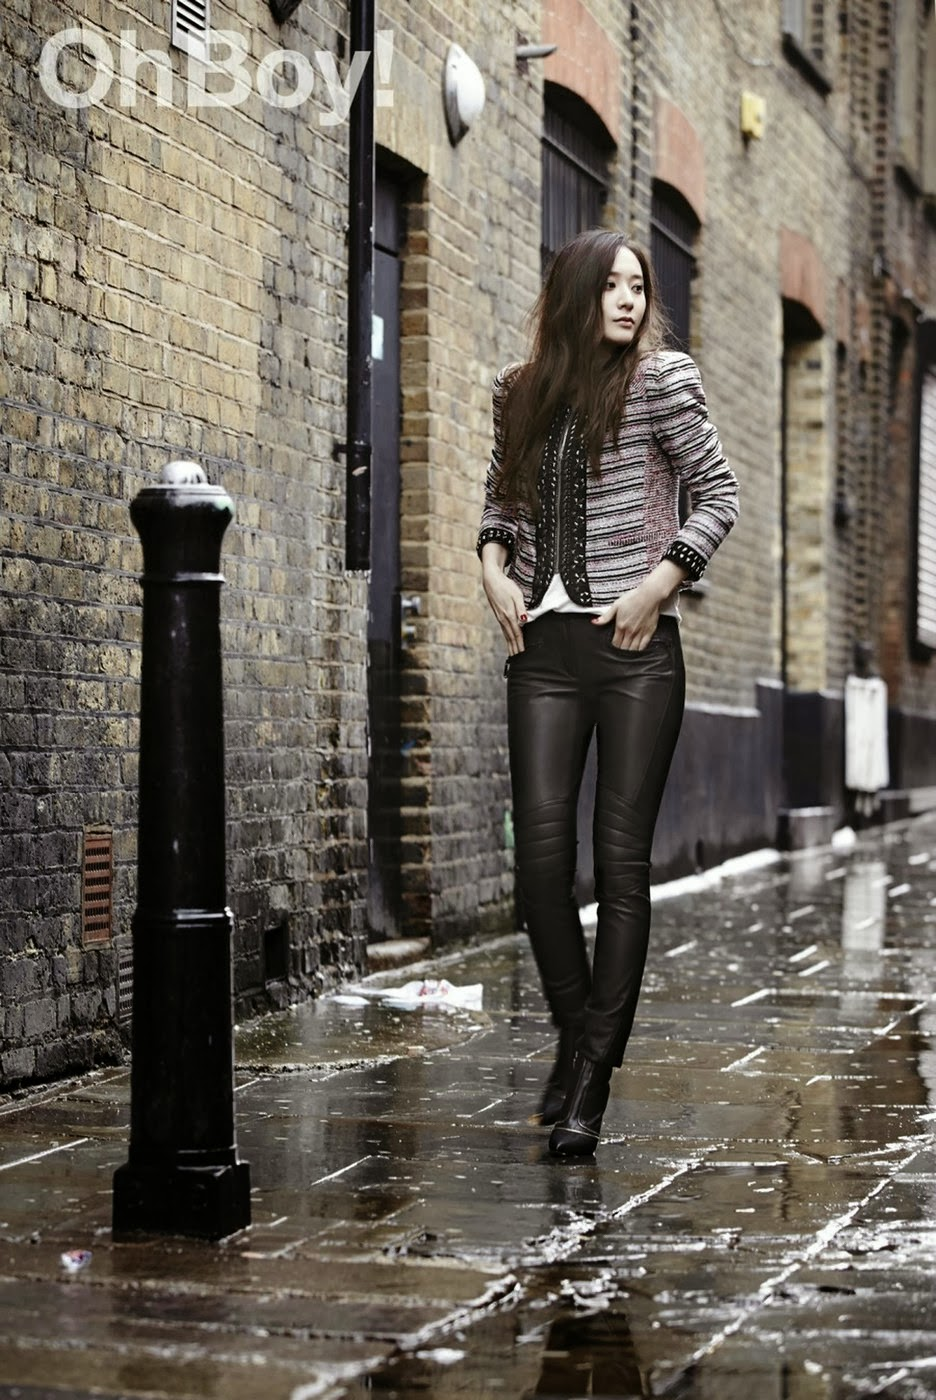 Shin ji ho seohyun dating 4